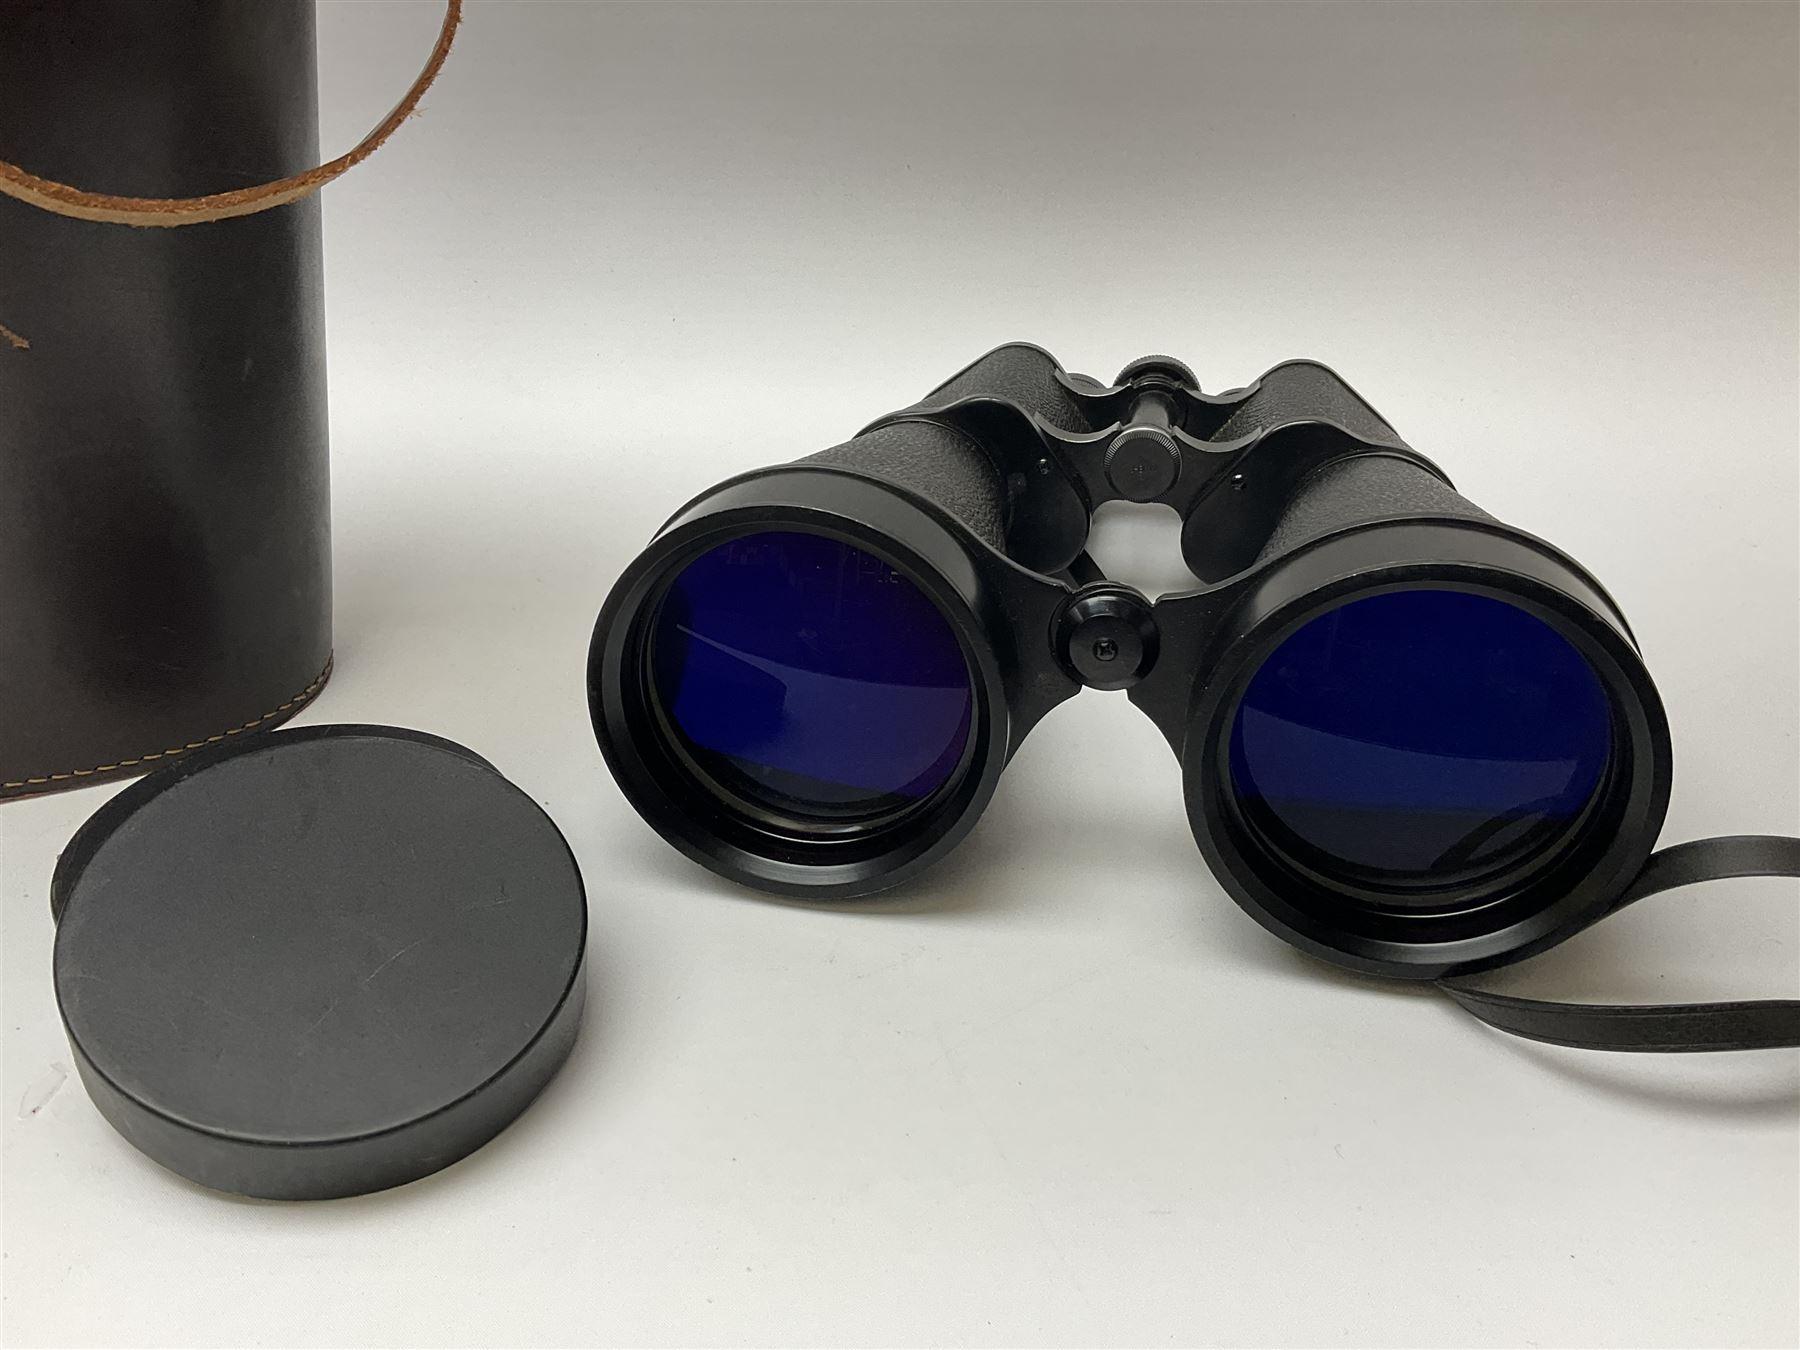 Hilkinson Comet binoculars - Image 3 of 4